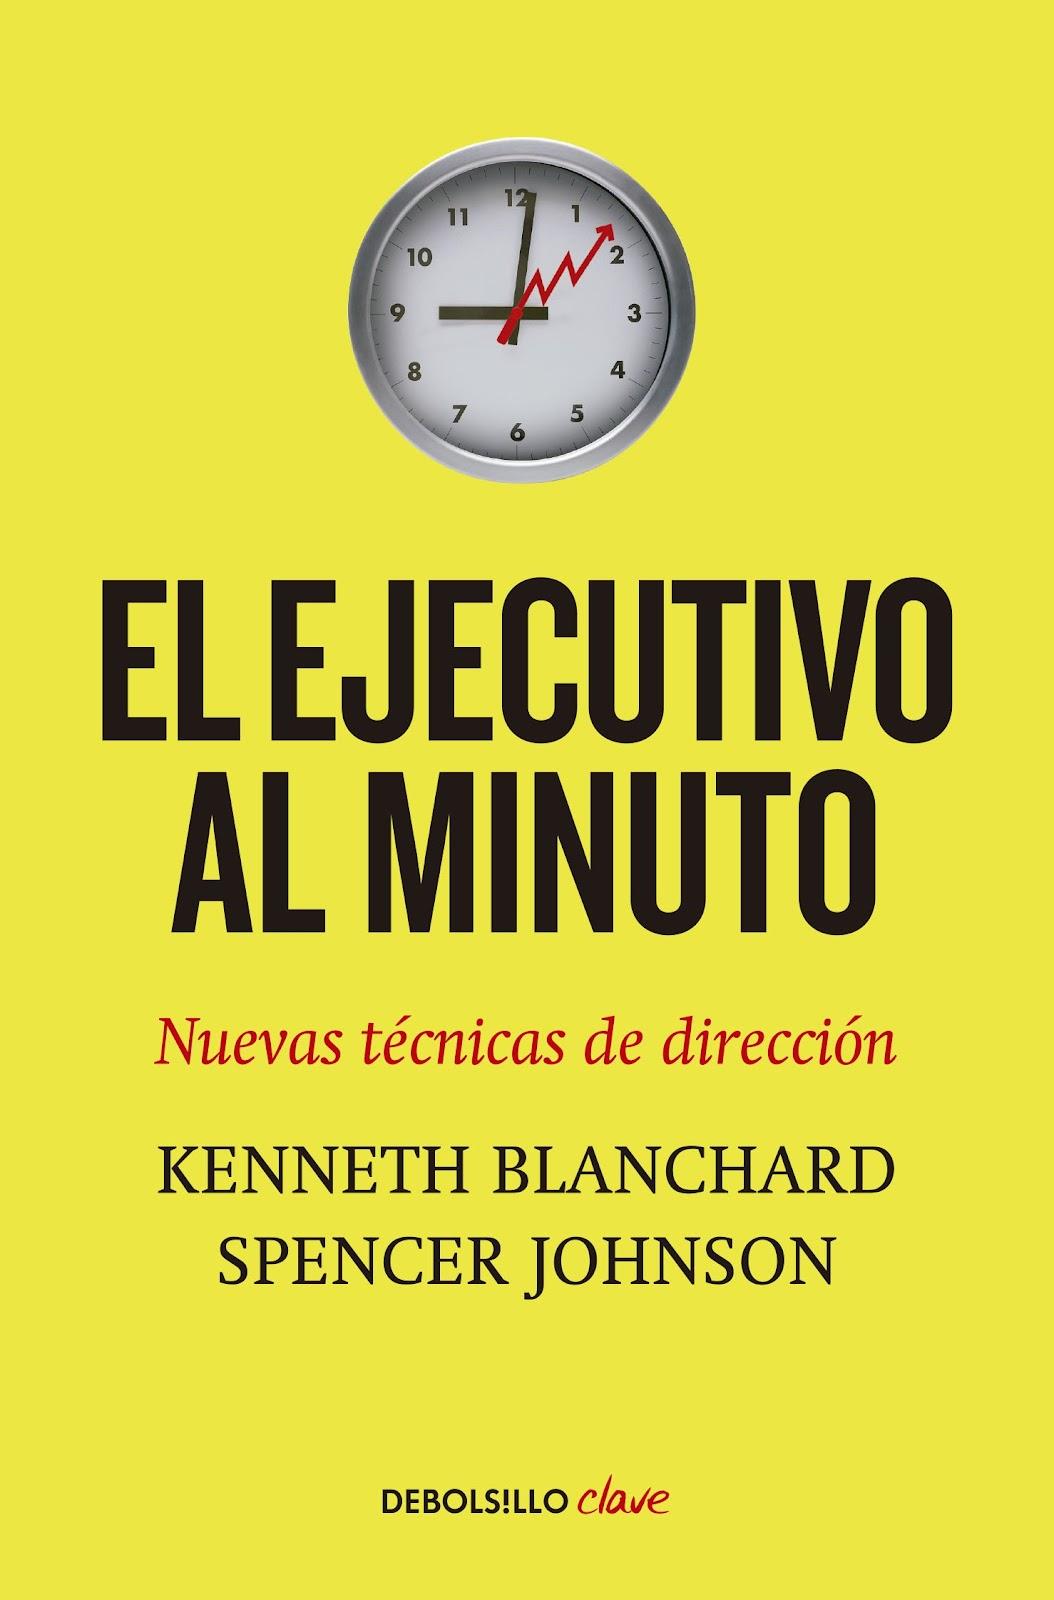 Mejores libros de liderazgo: El ejecutivo al minuto